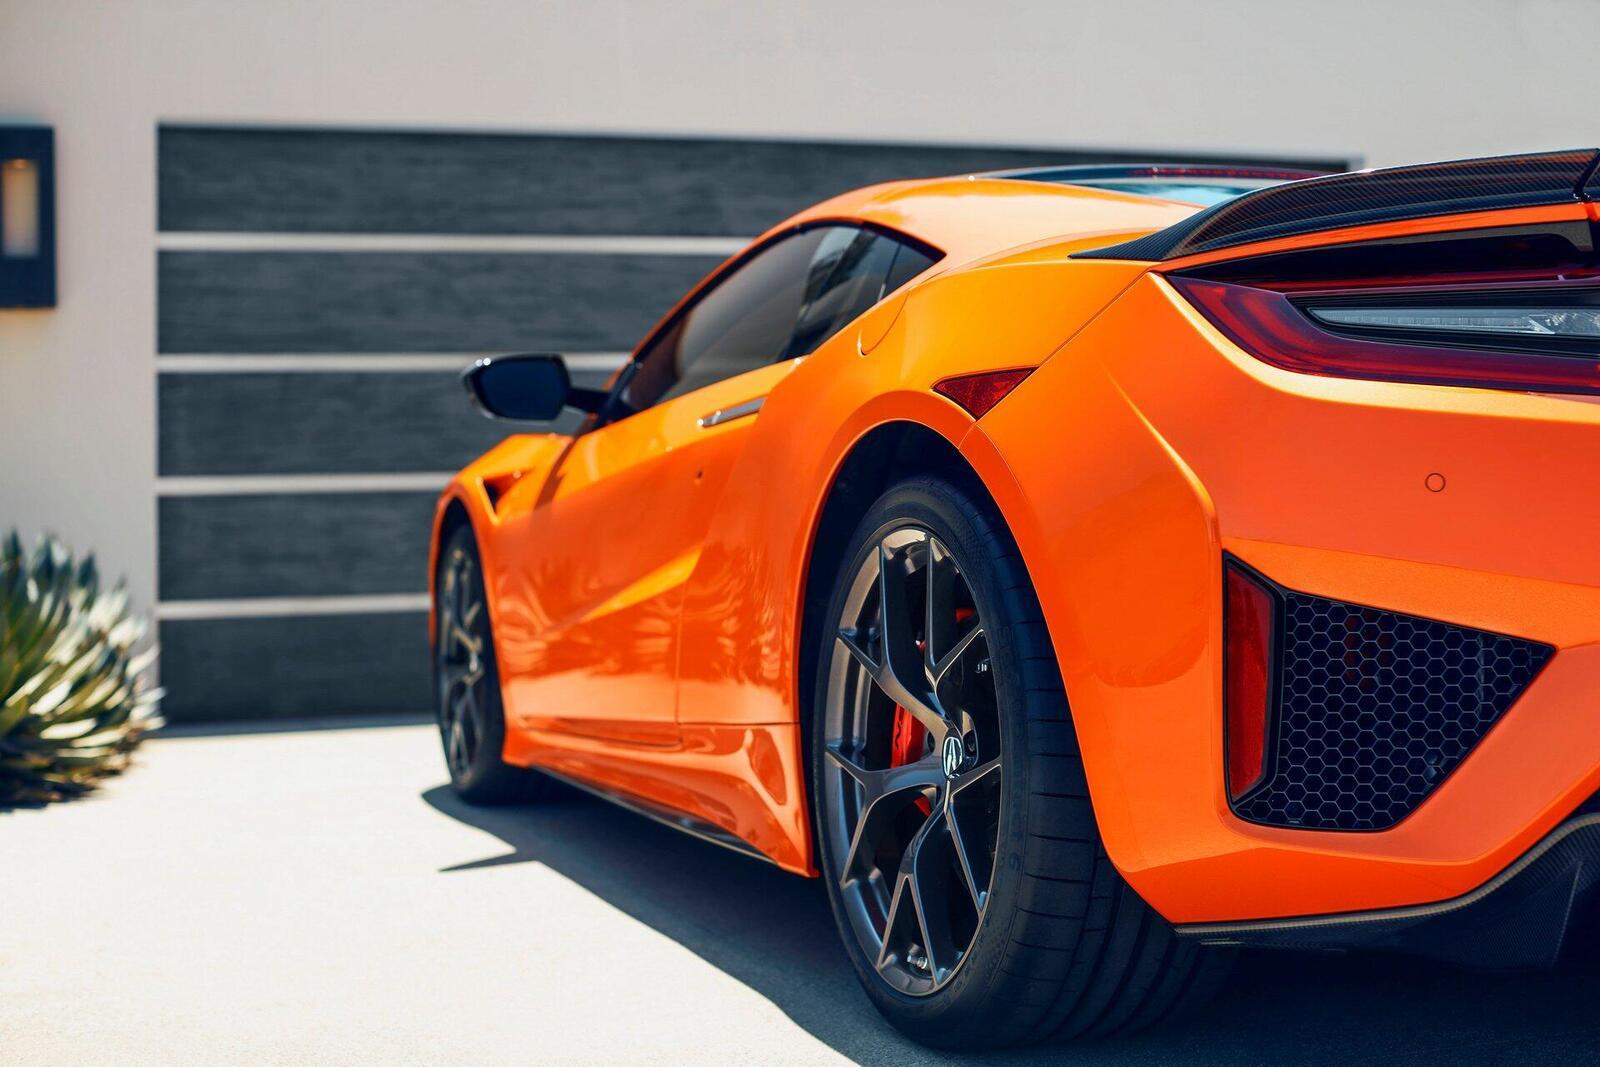 Siêu xe Acura NSX 2019 động cơ hybrid chốt giá từ 157.500 USD - Hình 3